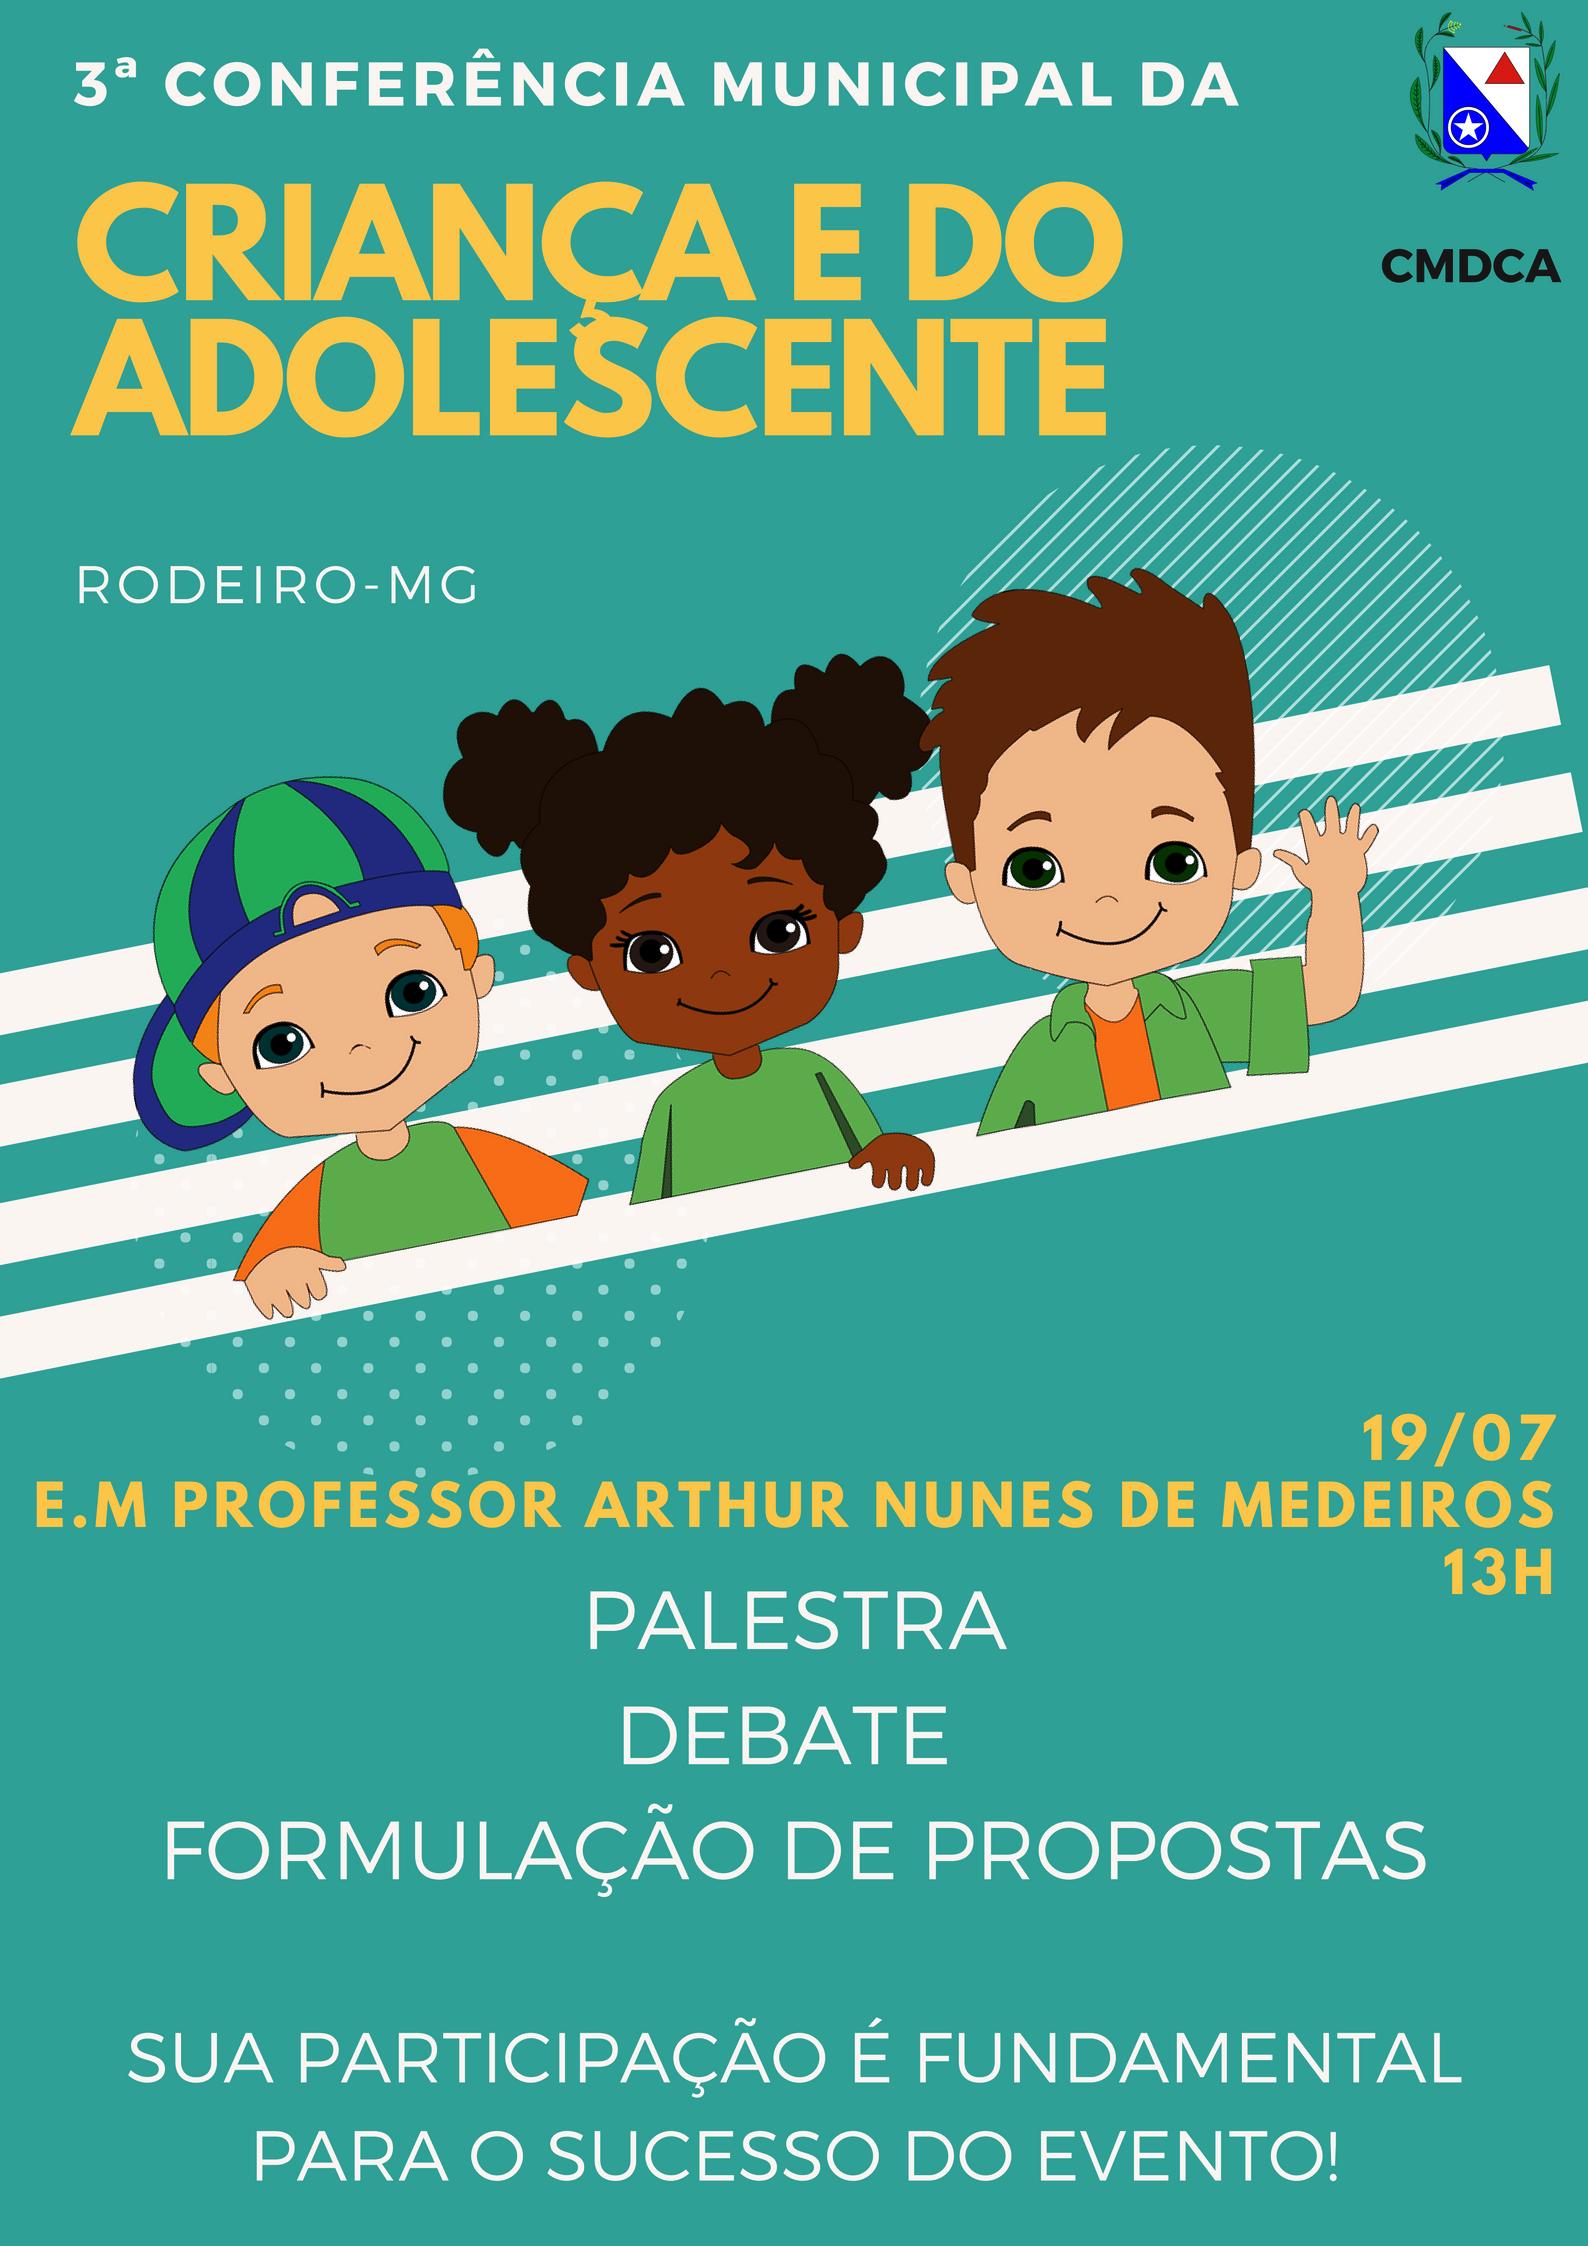 3ª Conferência Municipal  da Criança e do Adolescente